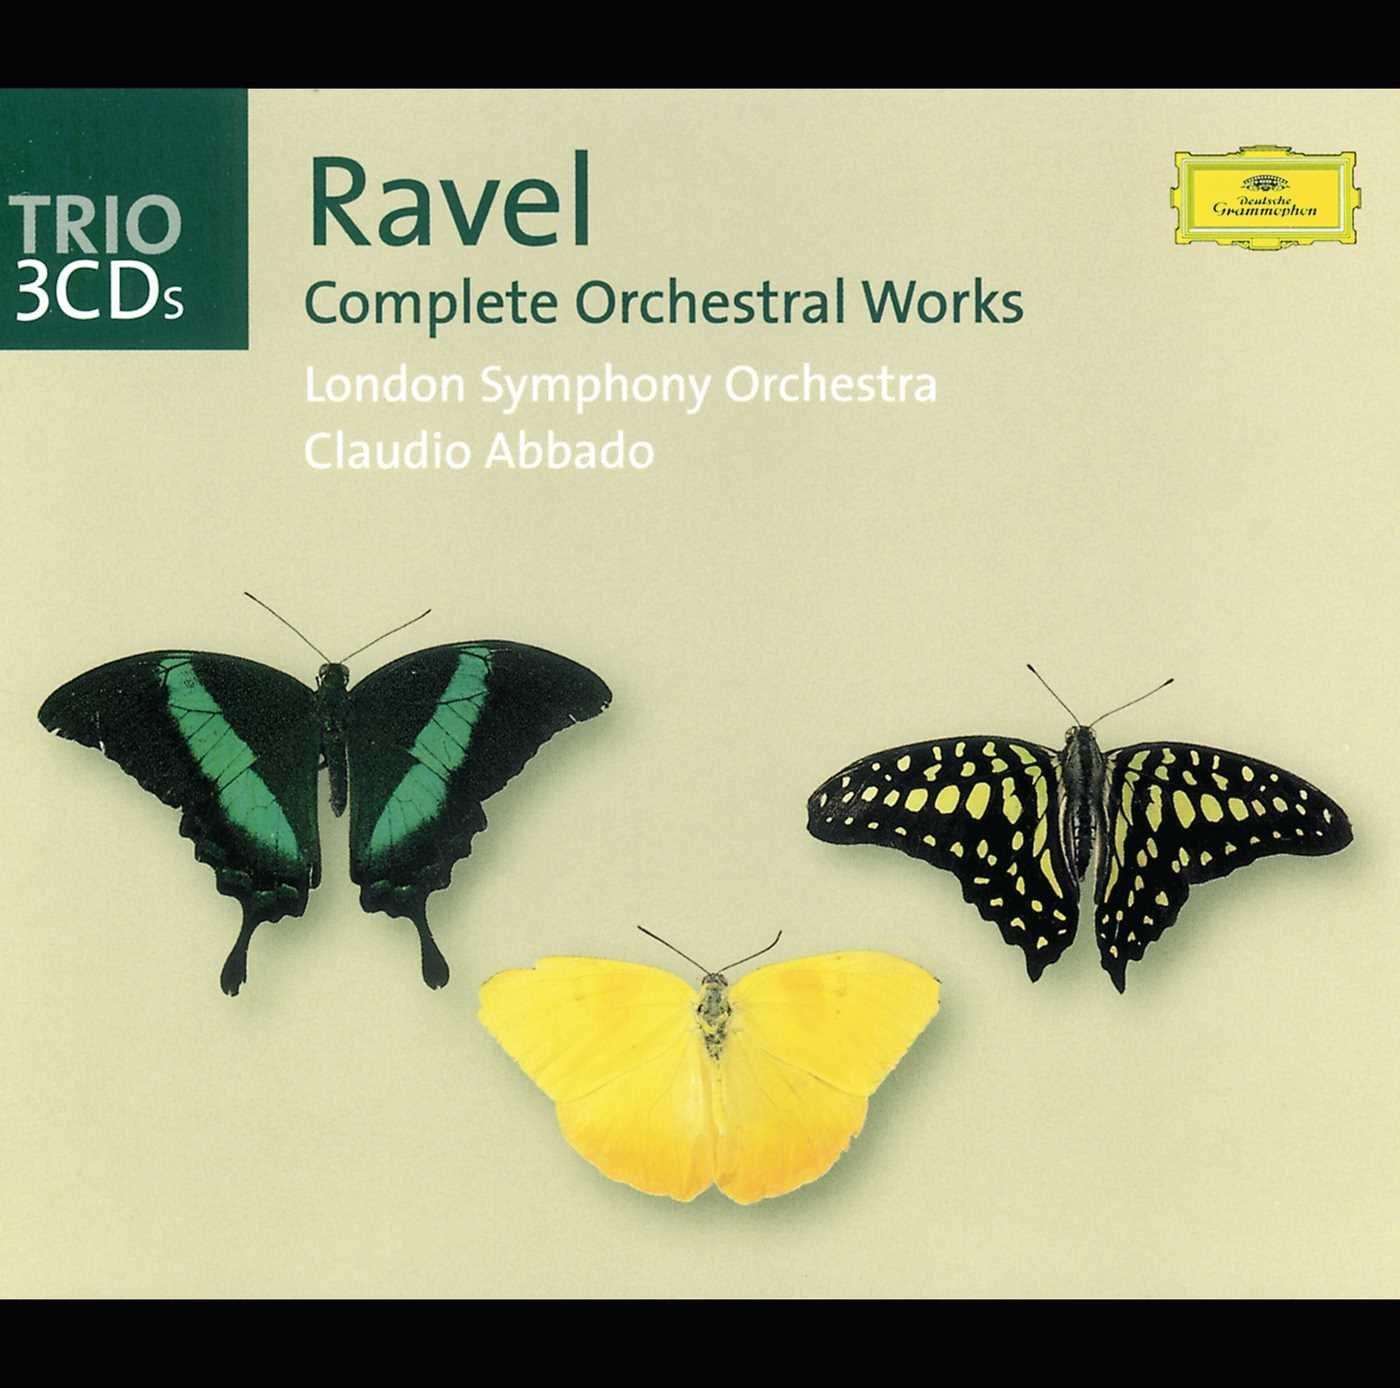 Ravel: Complete Orchestral Works by Deutsche Grammophon